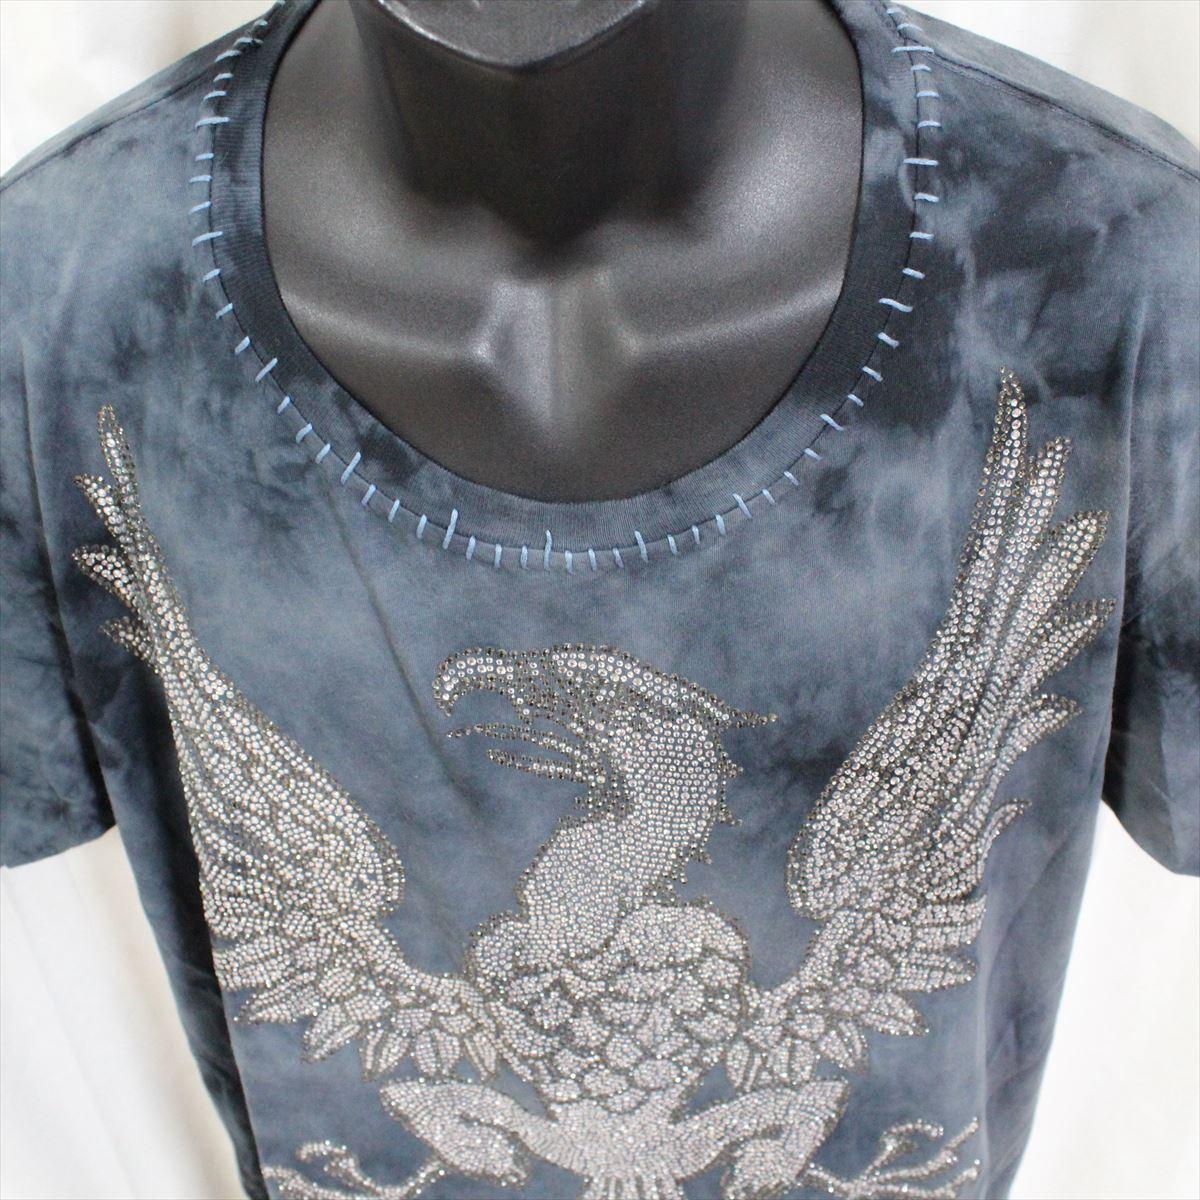 アイコニック Iconic Couture メンズ半袖Tシャツ ネイビー Lサイズ 新品 紺_画像3